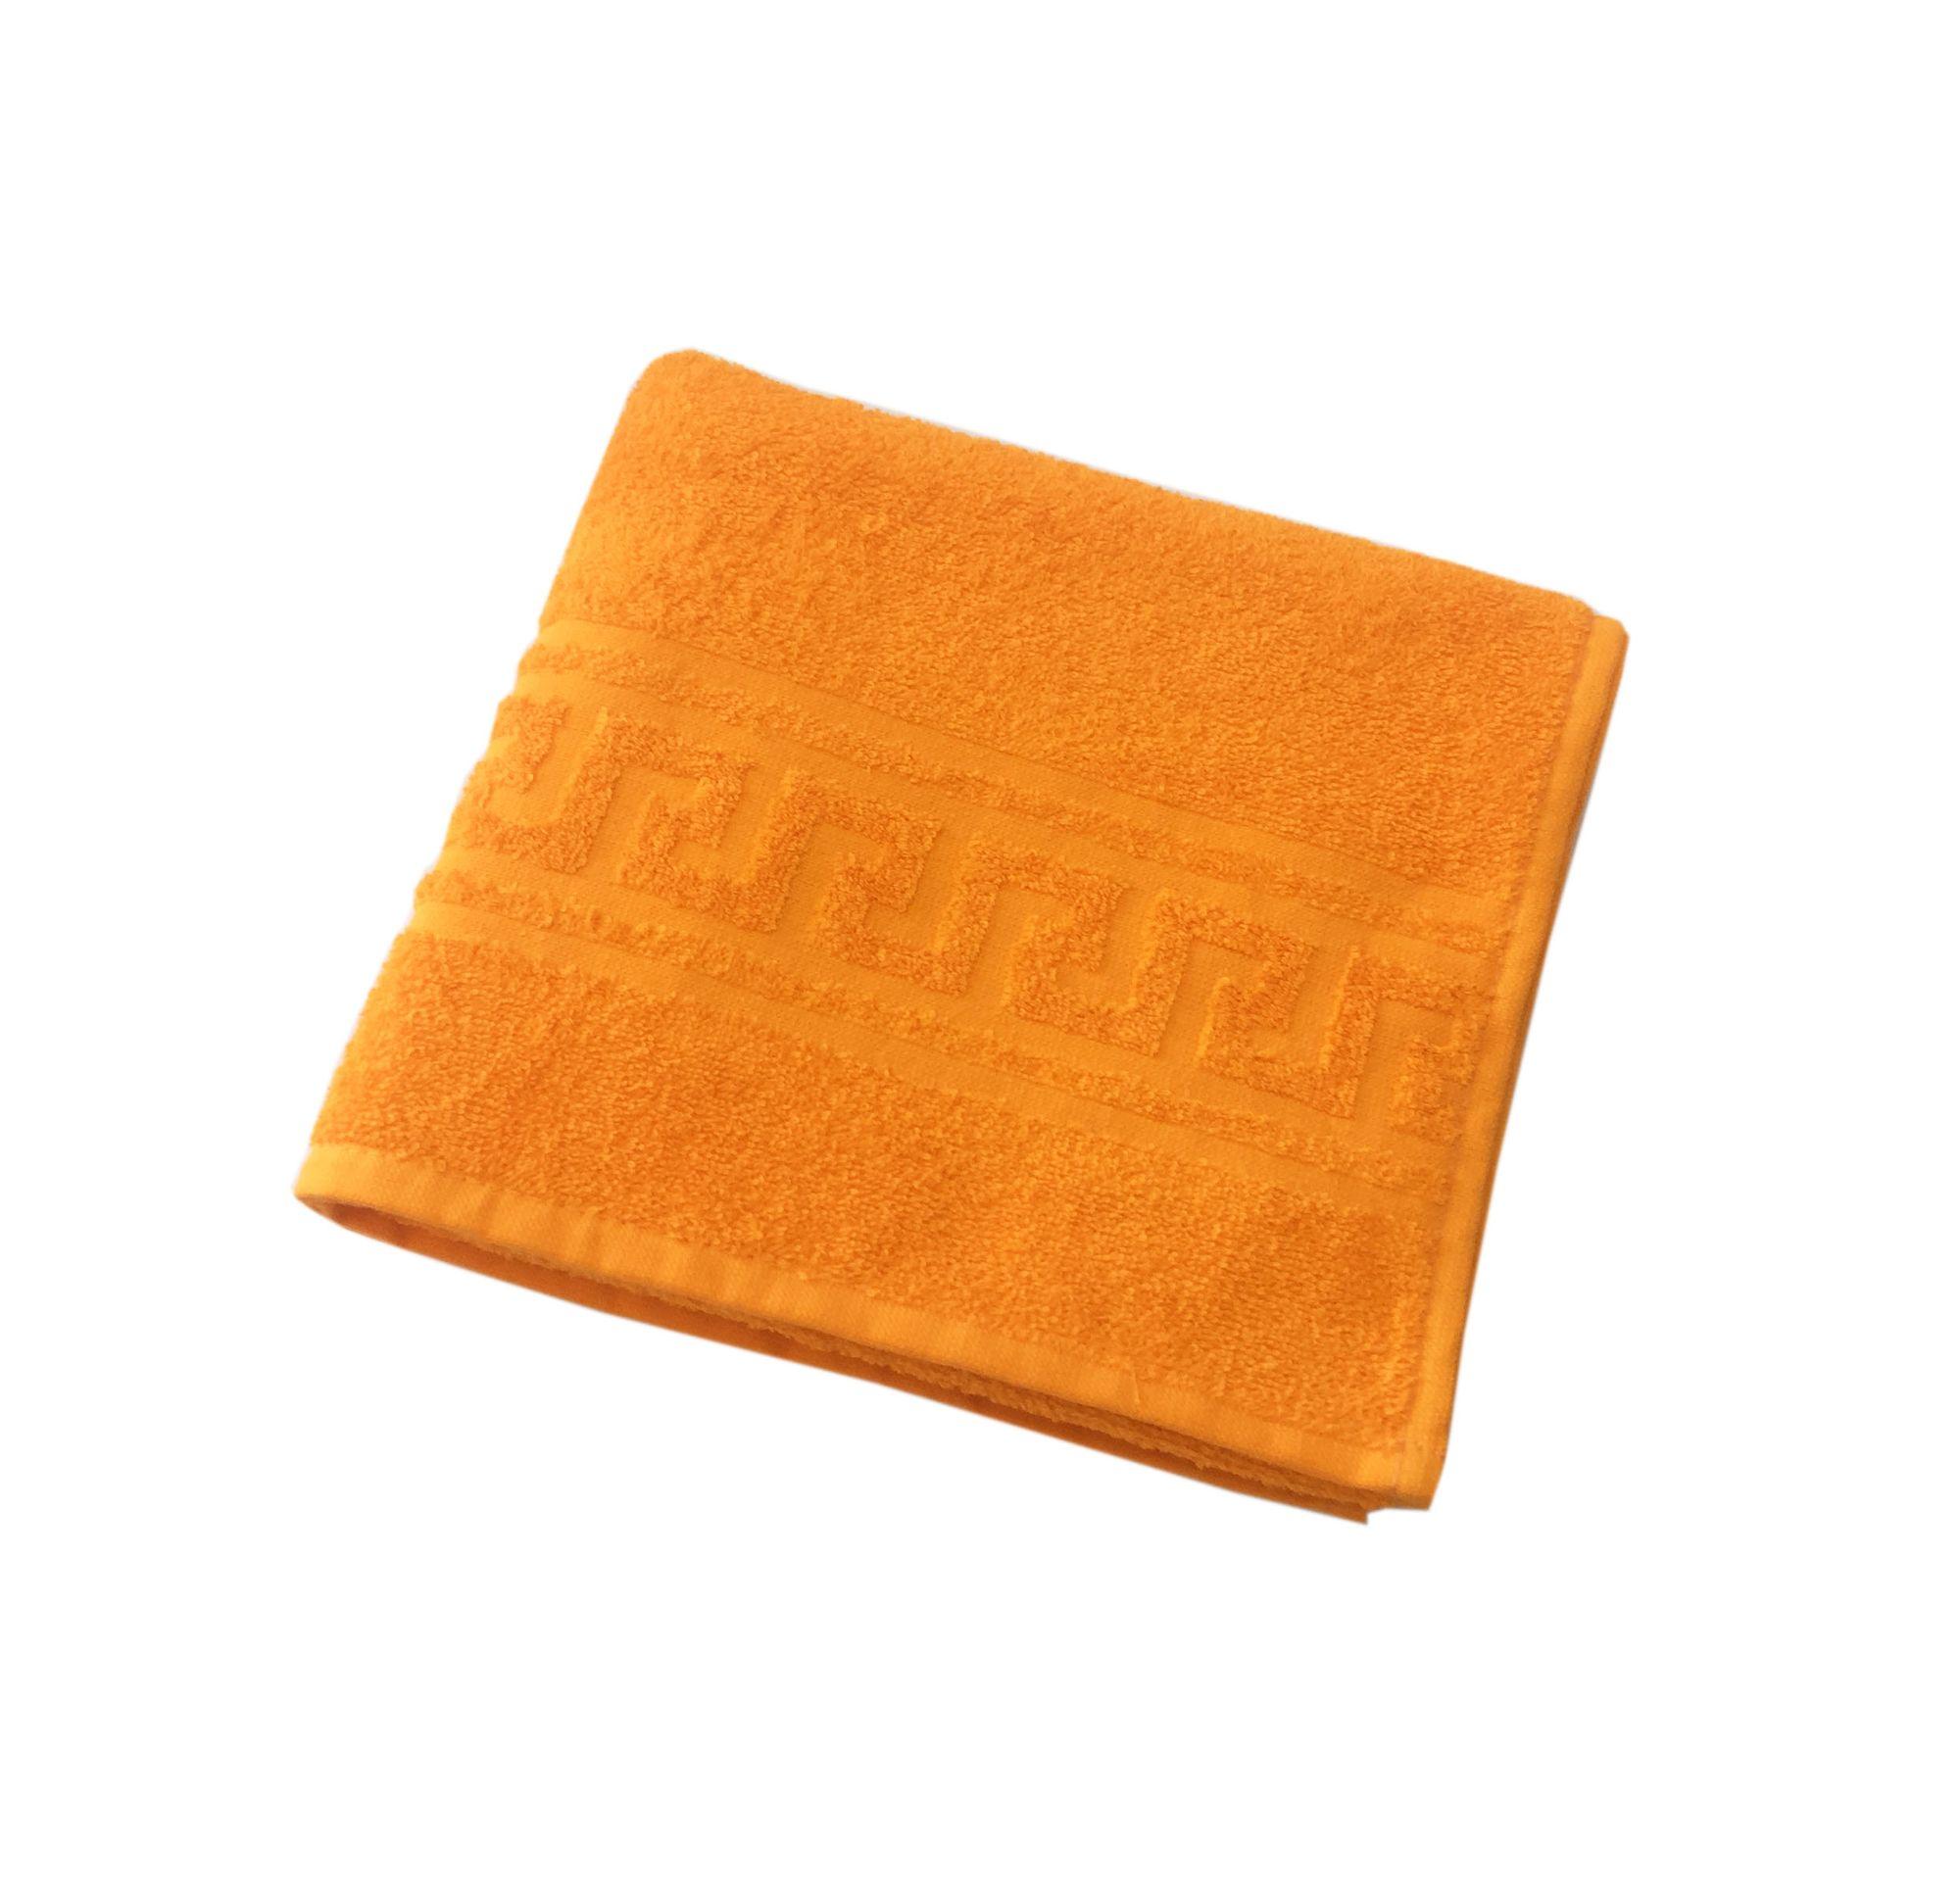 Махровое гладкокрашенное полотенце 50*90 см 380 г/м2 (Апельсиновый)